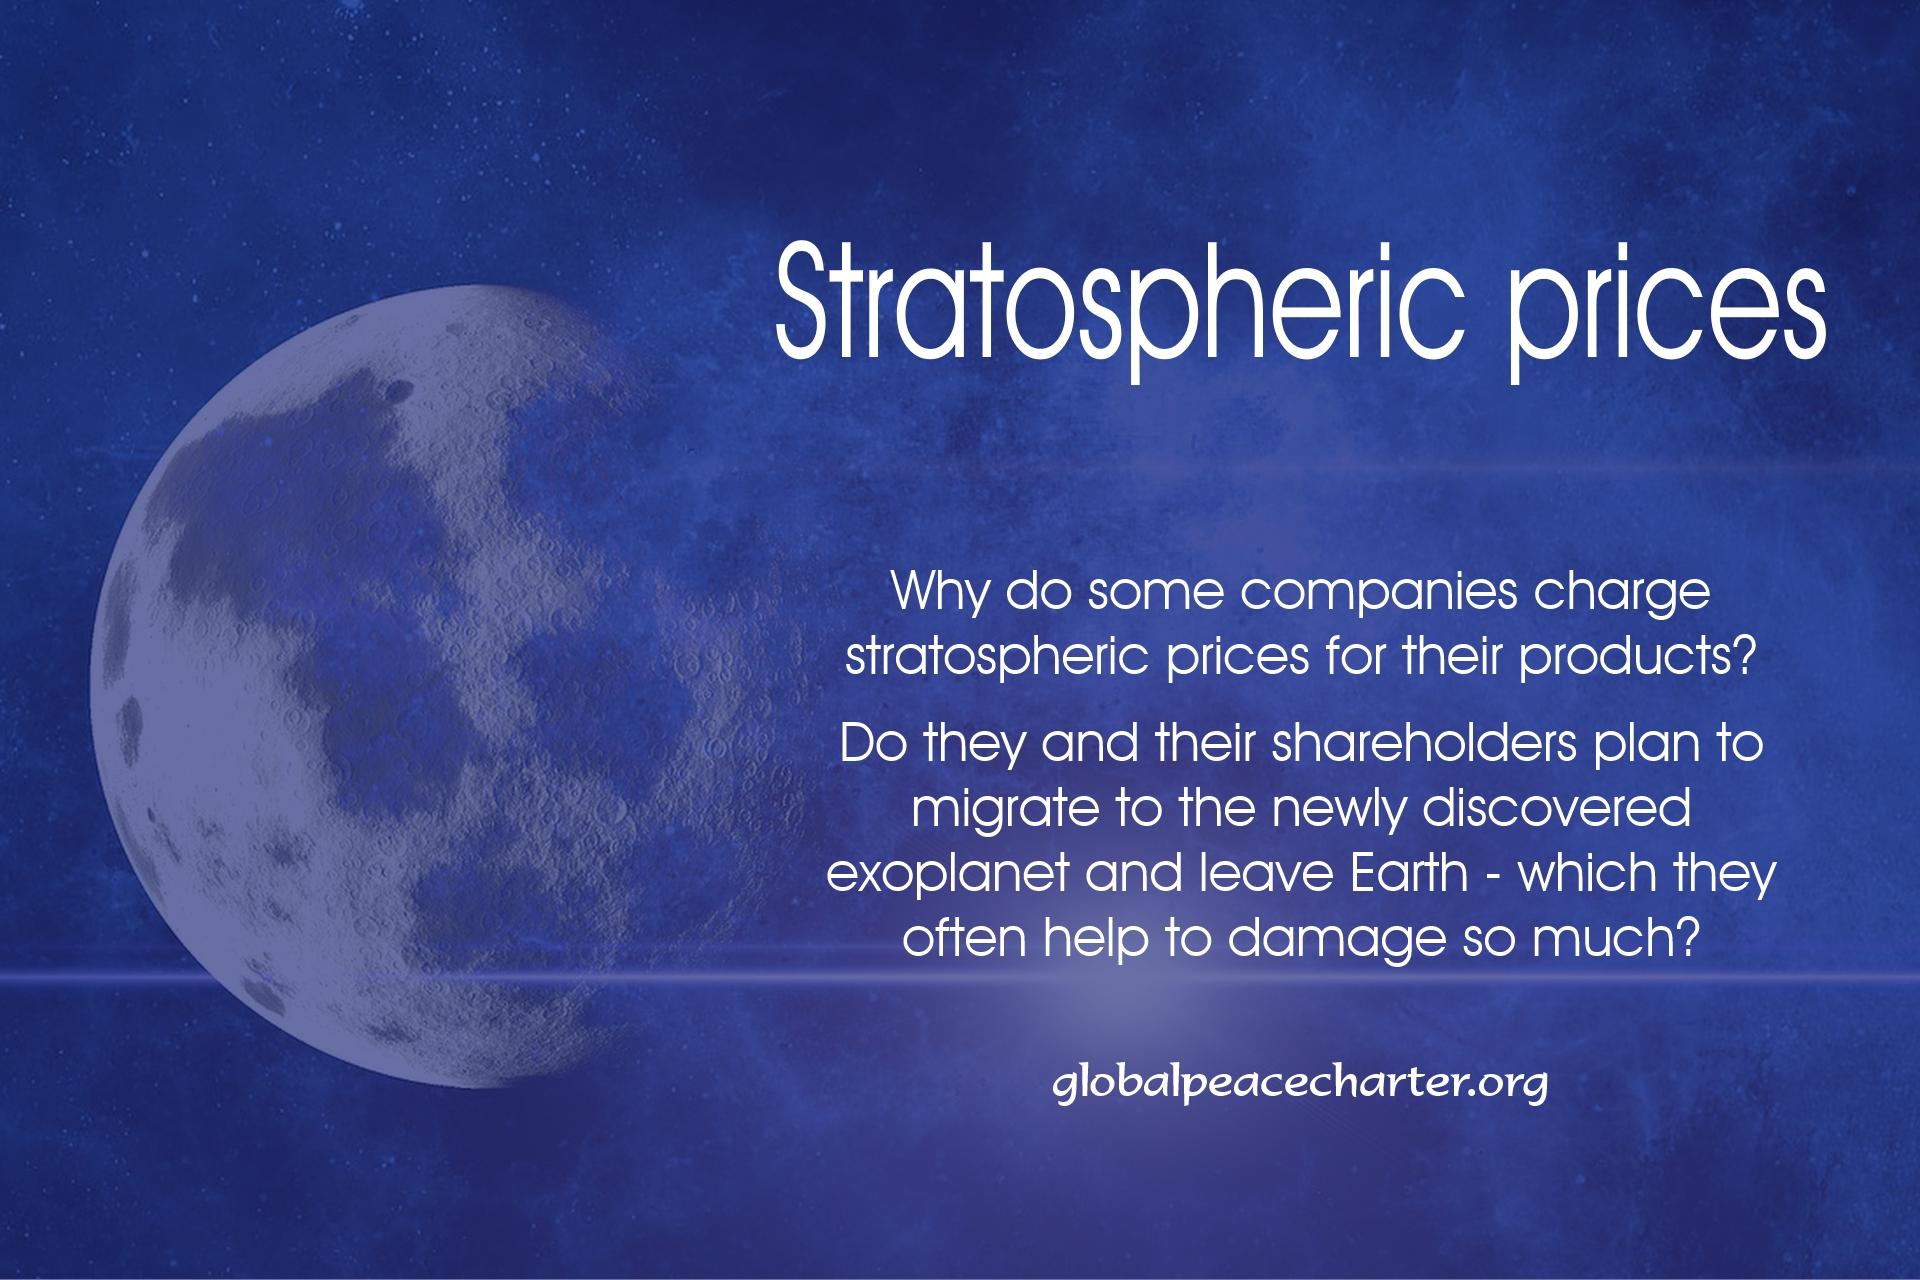 Stratospheric prices